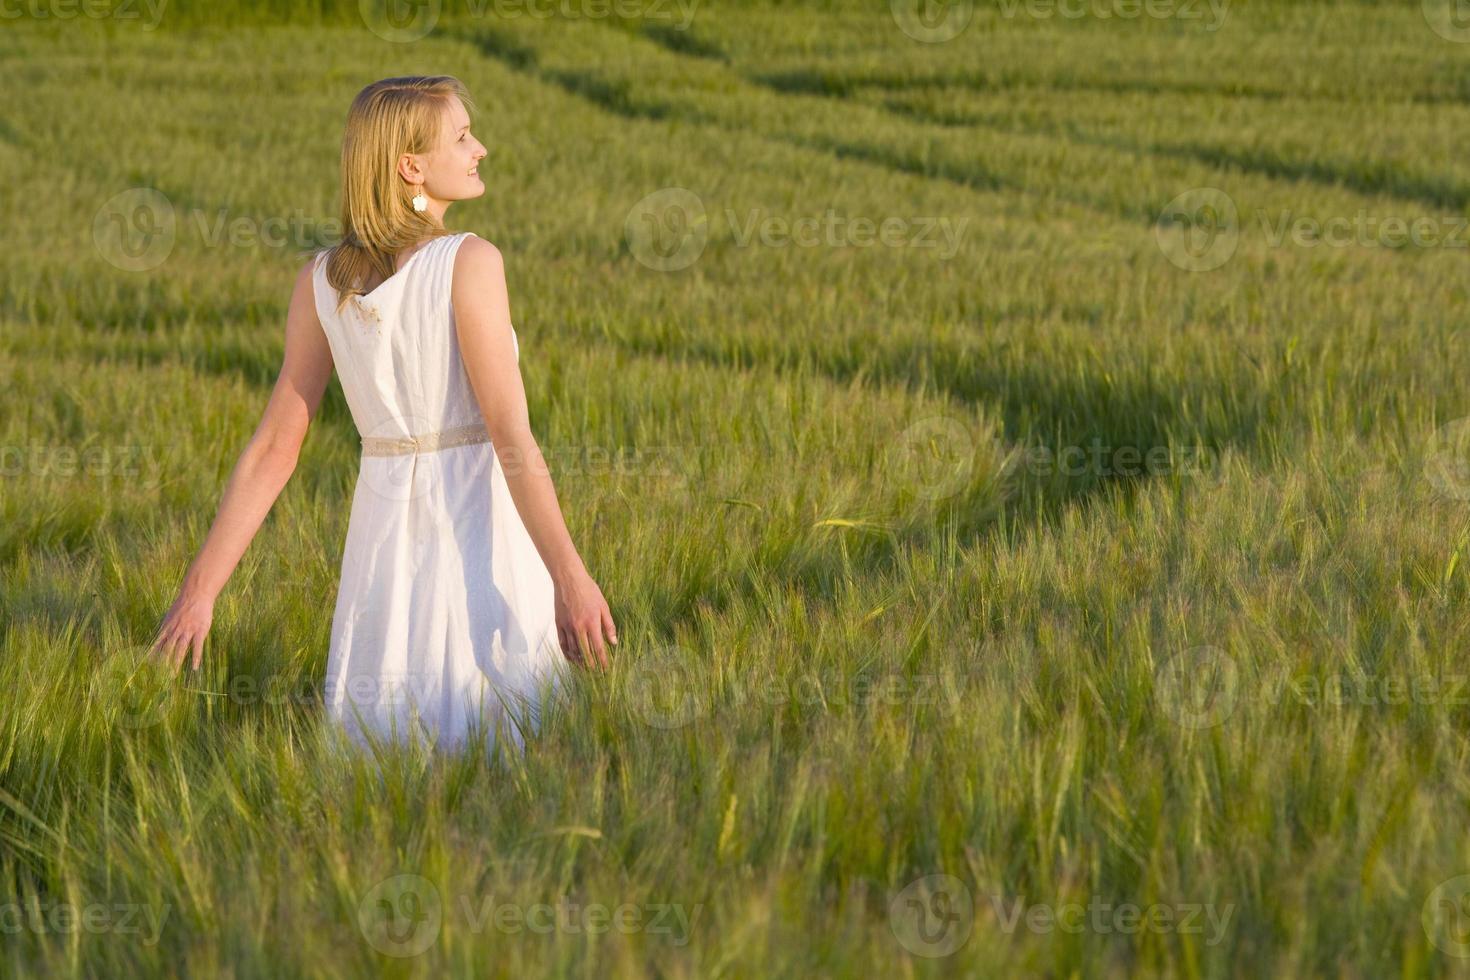 ragazza che cammina attraverso il campo dell'orzo foto